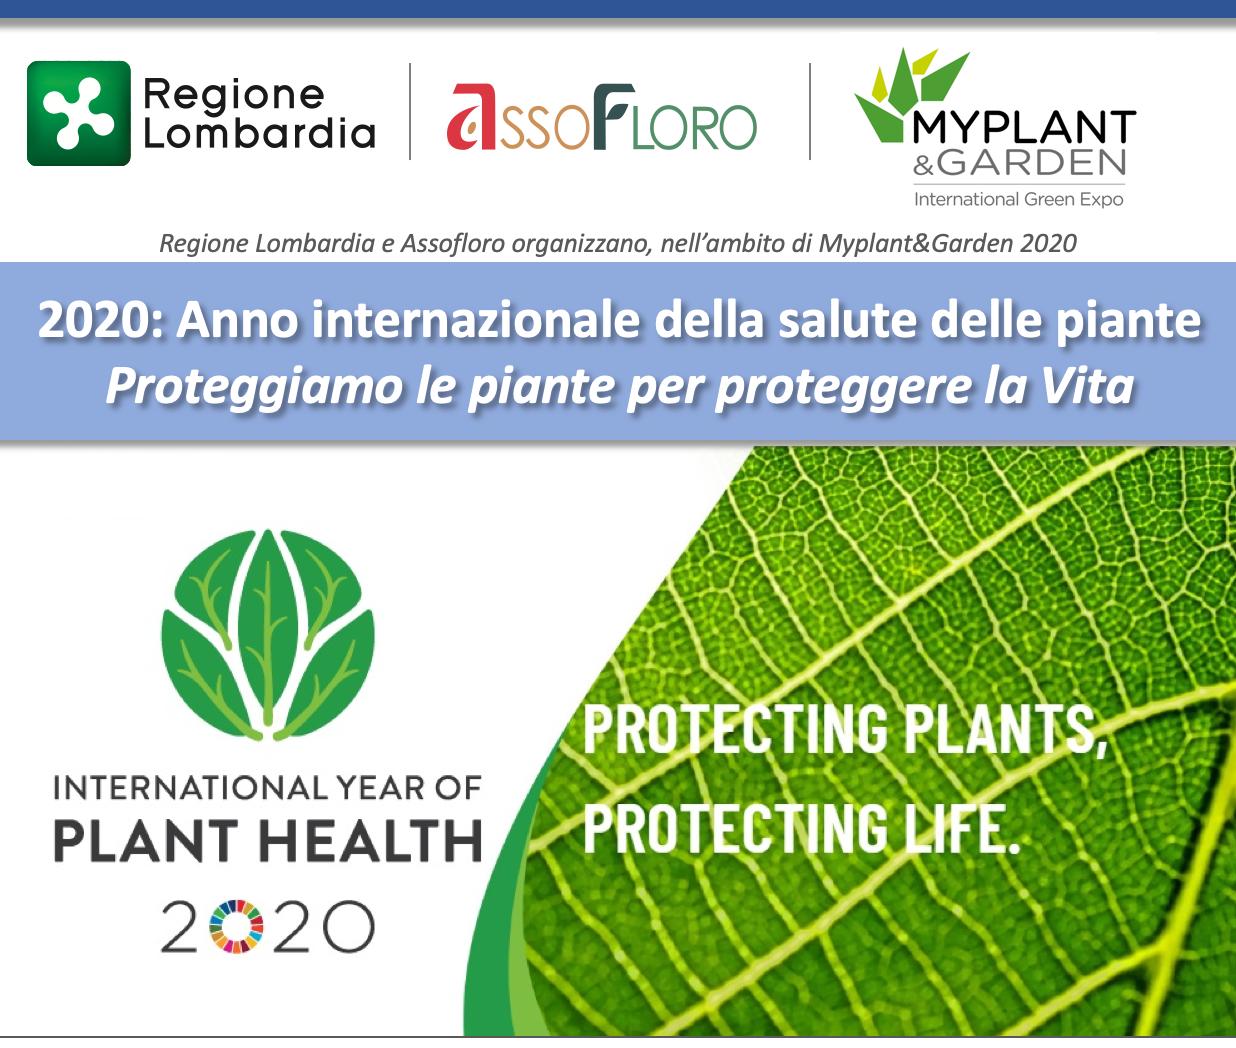 Anno Internazionale della Salute delle Piante. Conferenza di ASSOFLORO e Regione Lombardia a Myplant&Garden